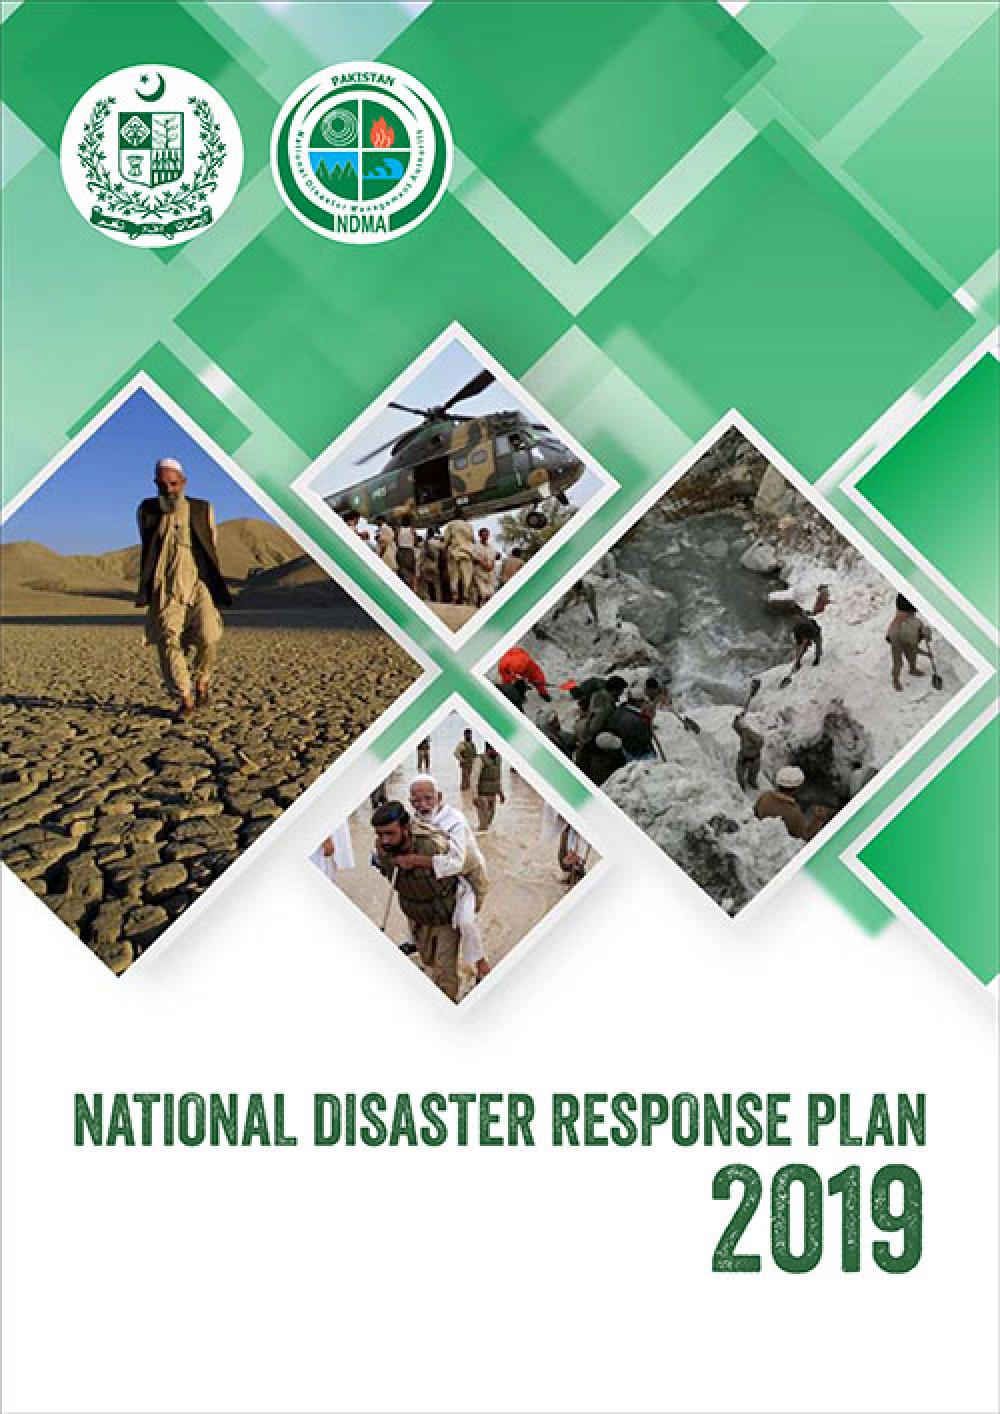 National Disaster Response Plan 2019